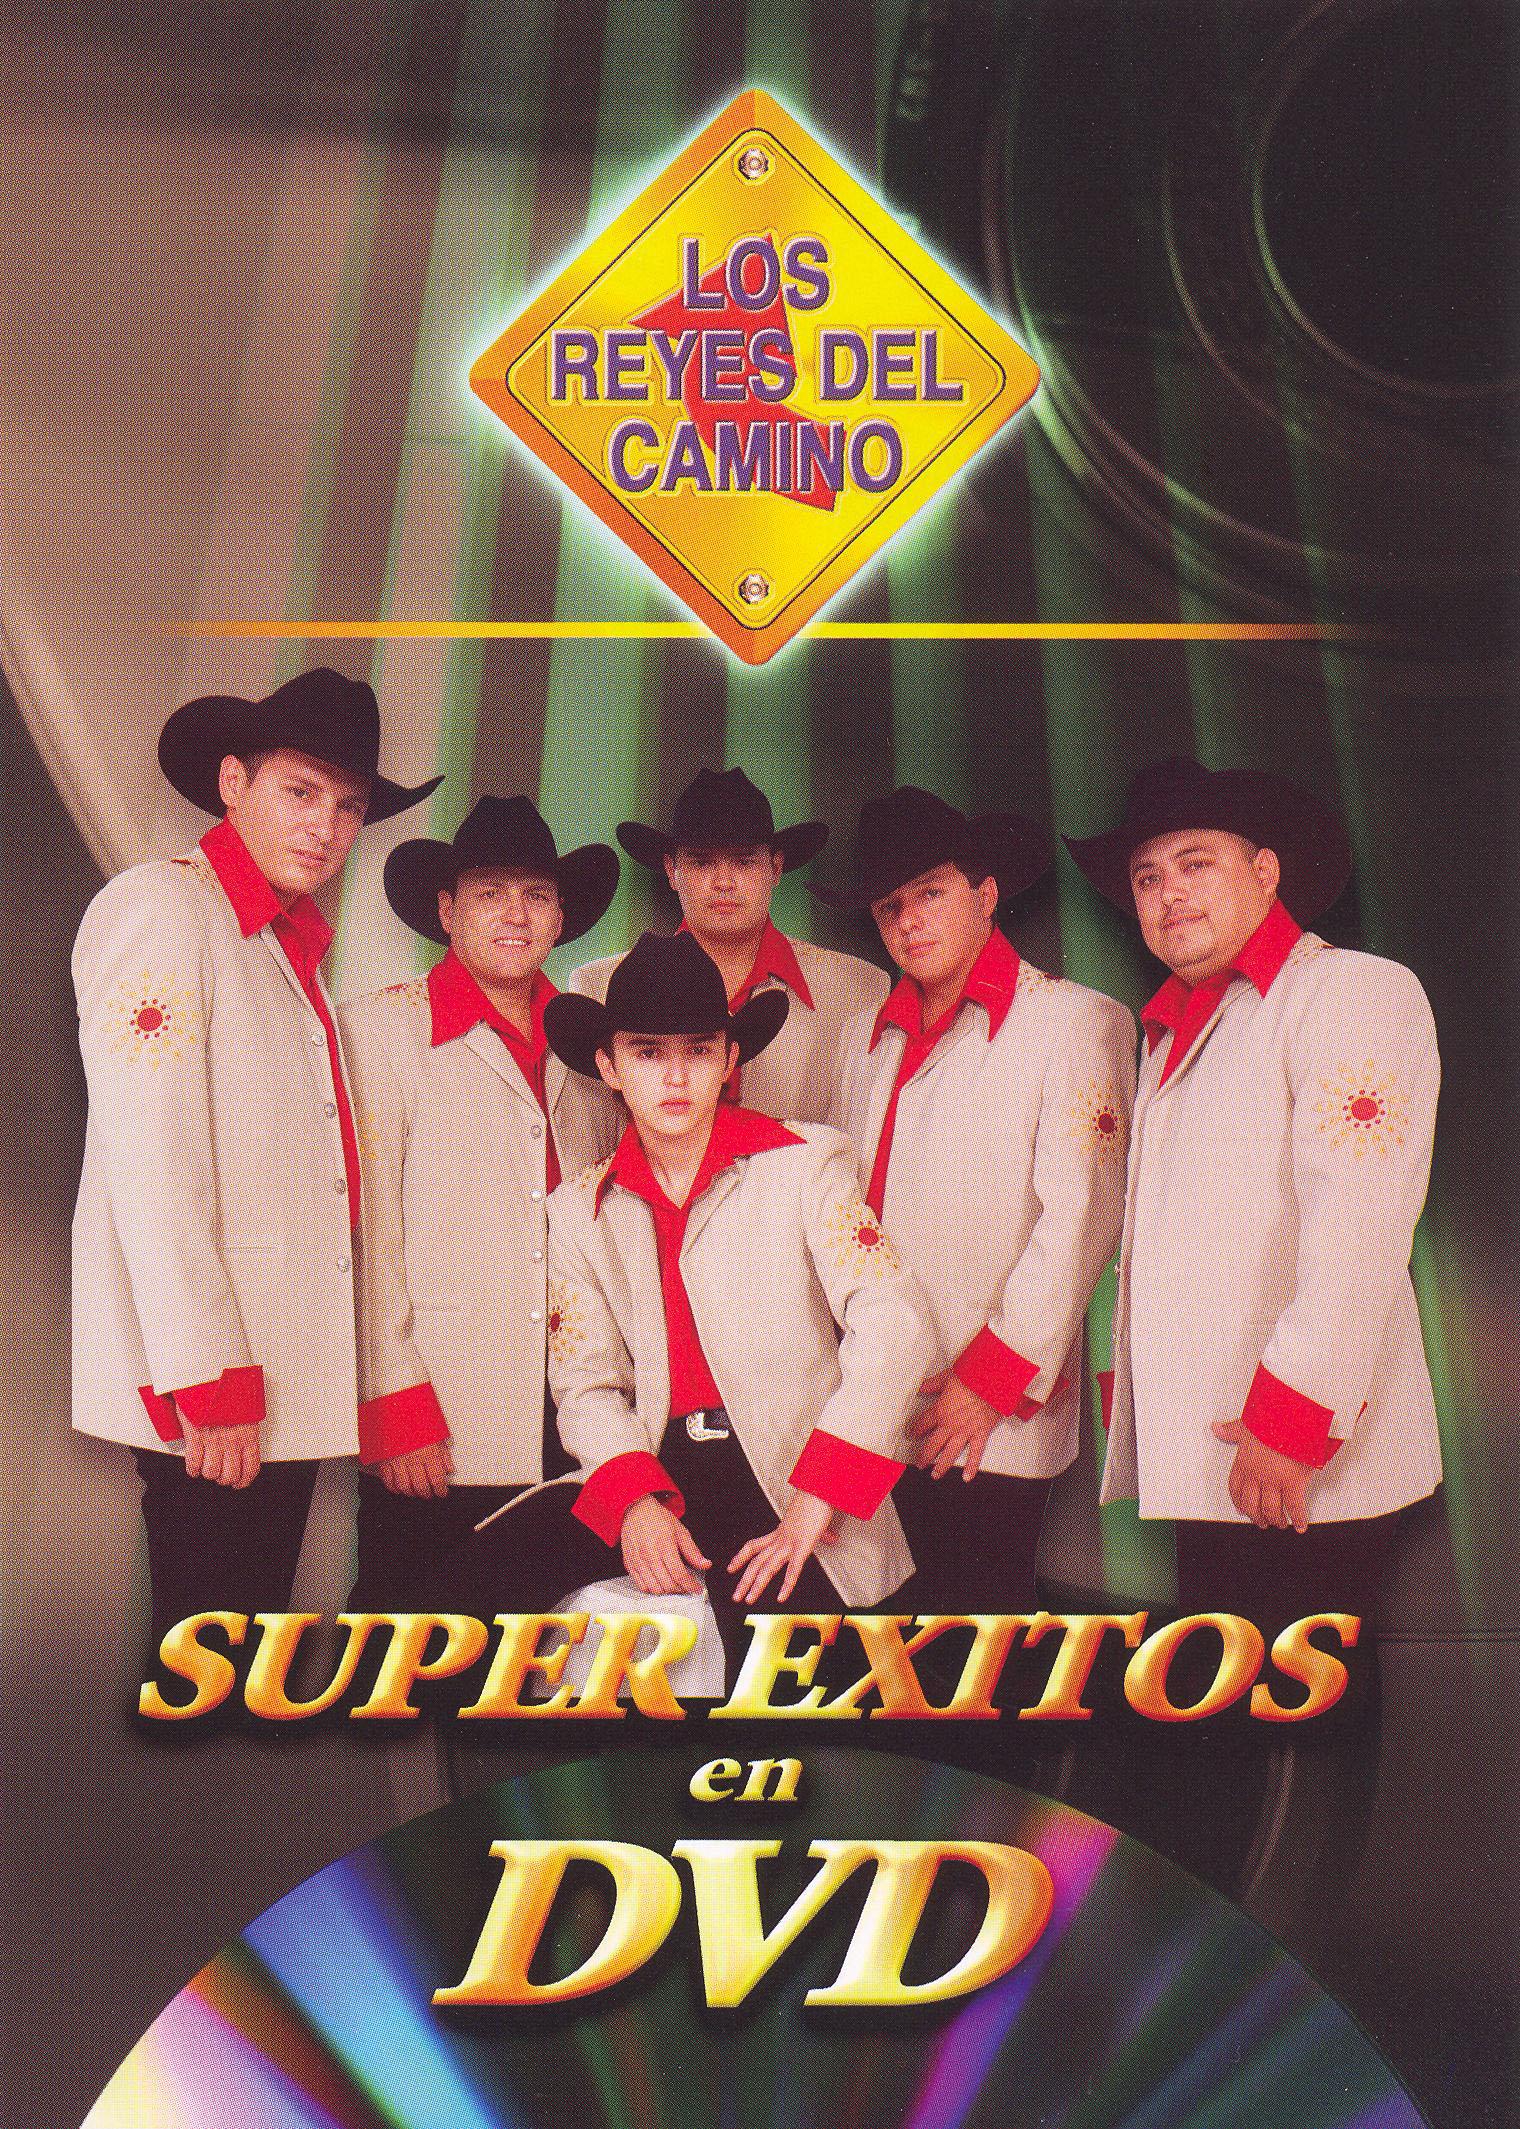 Super Exitos en DVD: Los Reyes